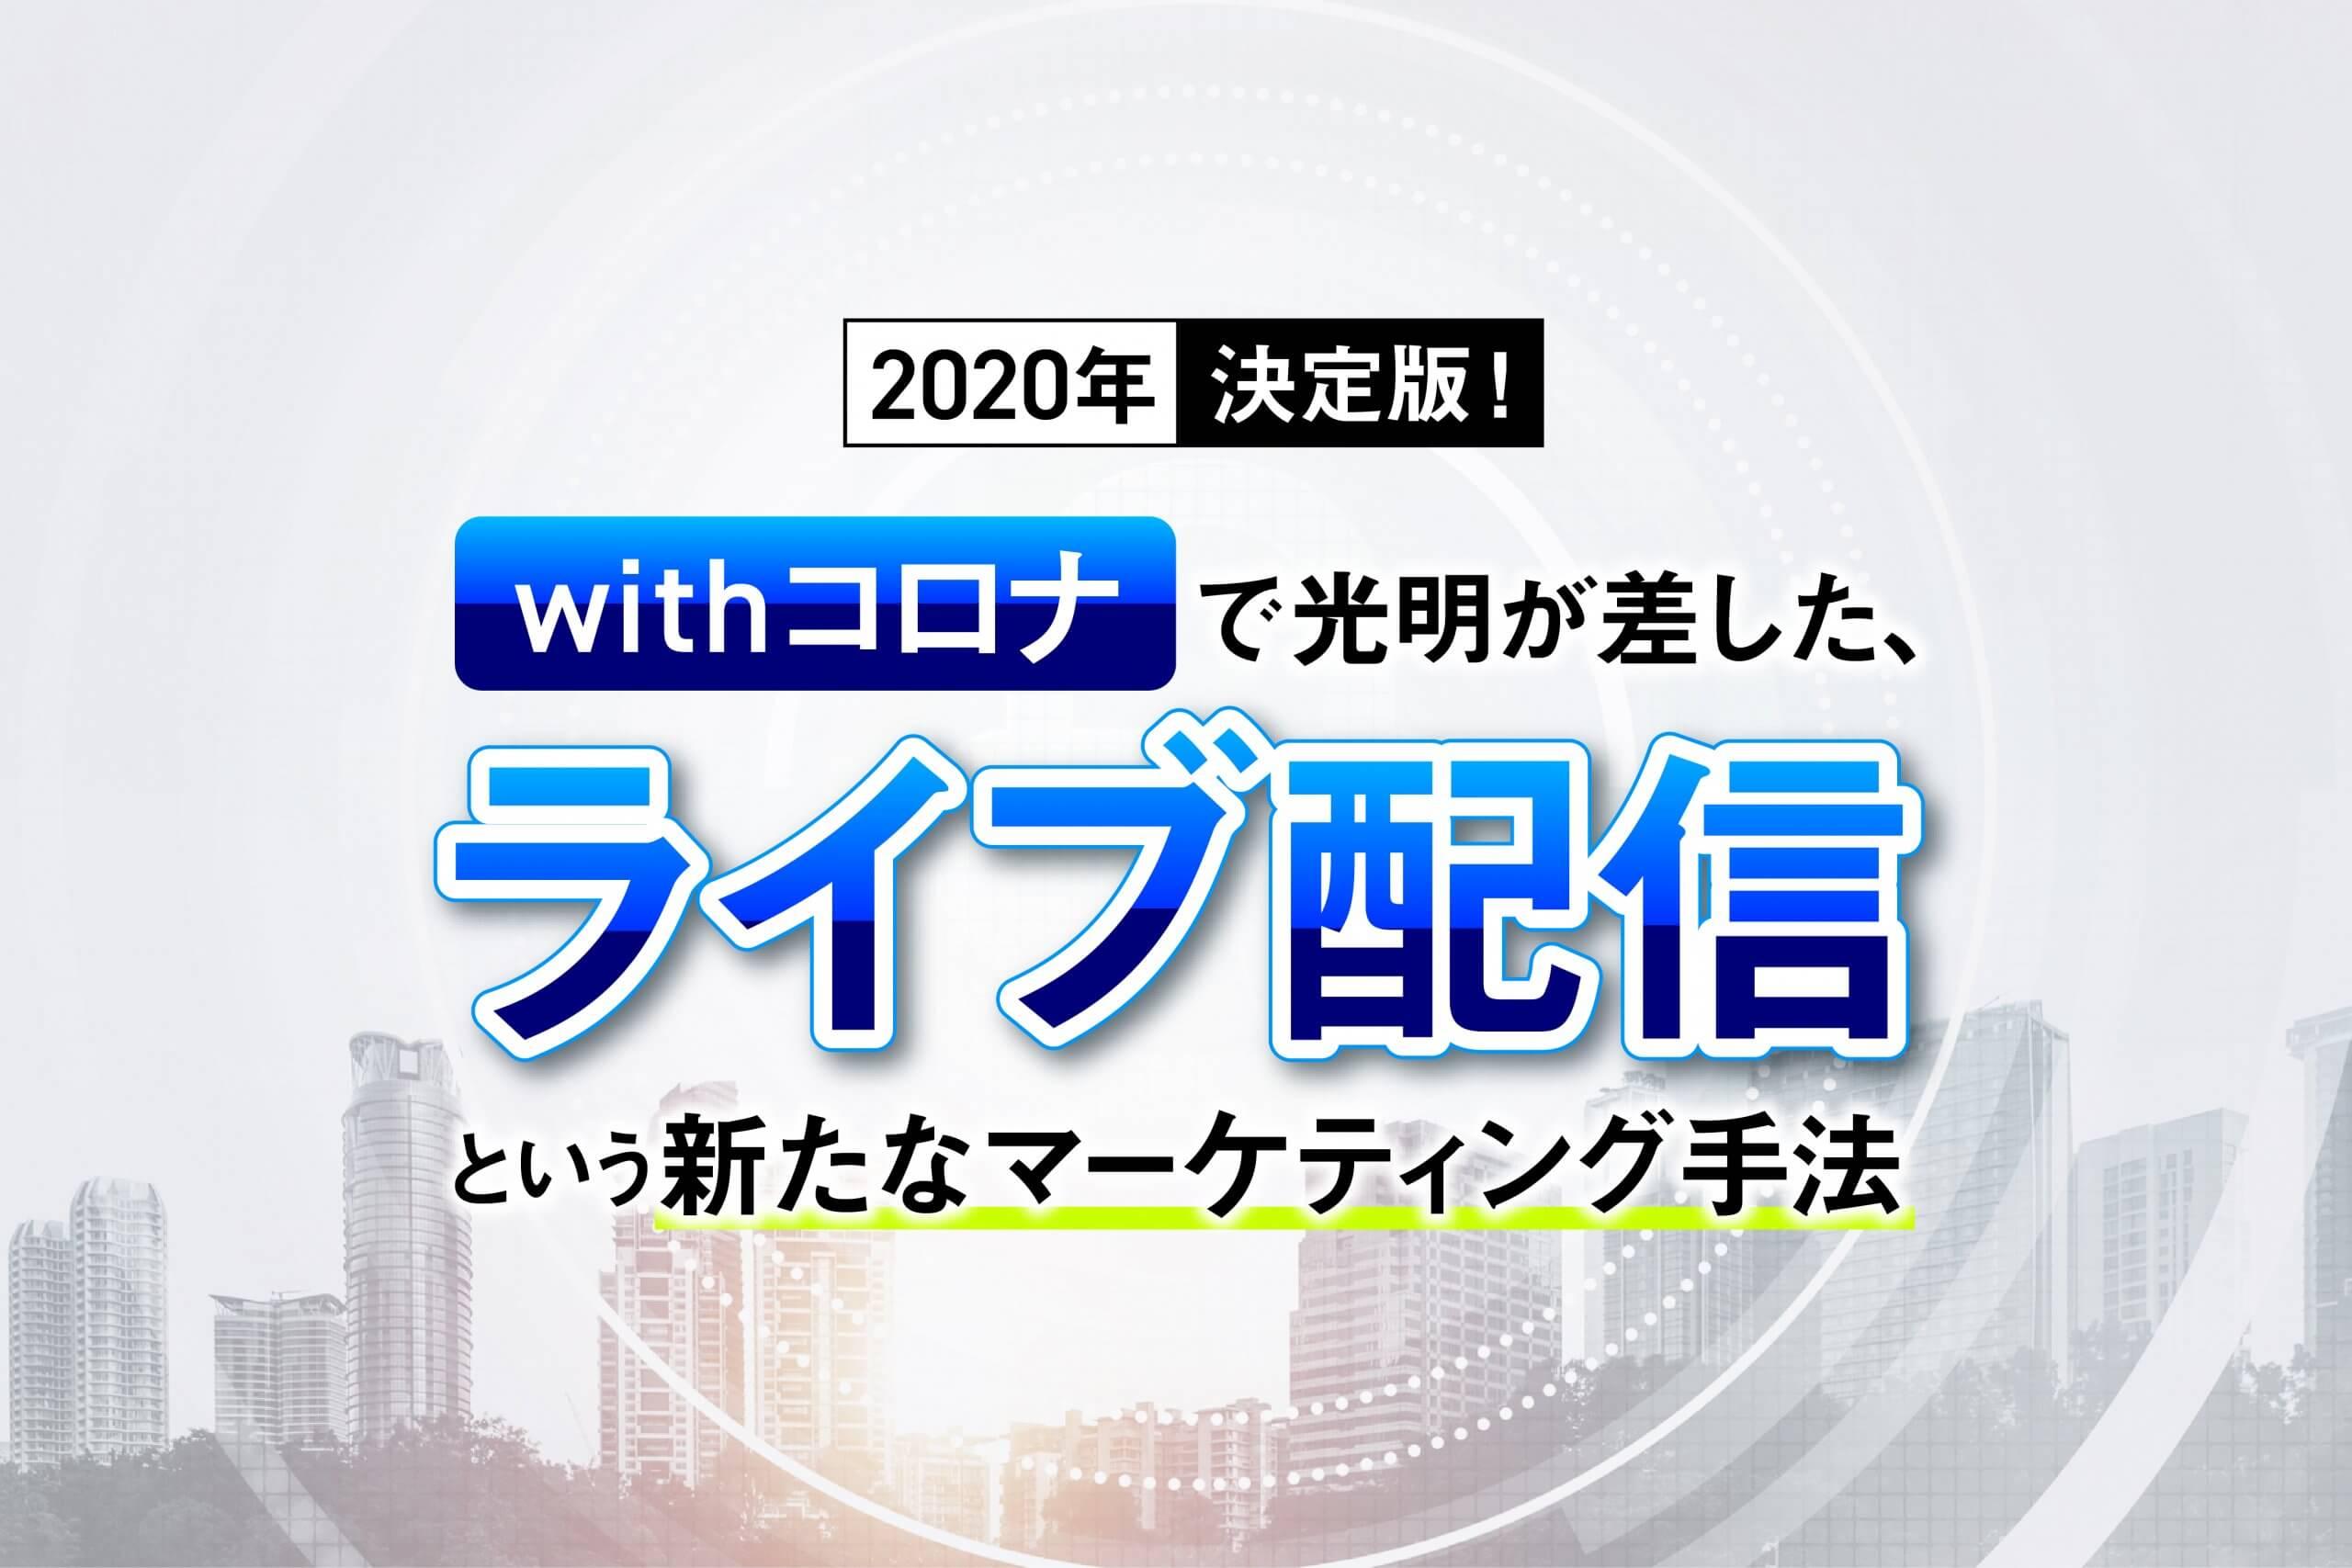 【2020年決定版】企業の「ライブ配信」という新たなマーケティング手法